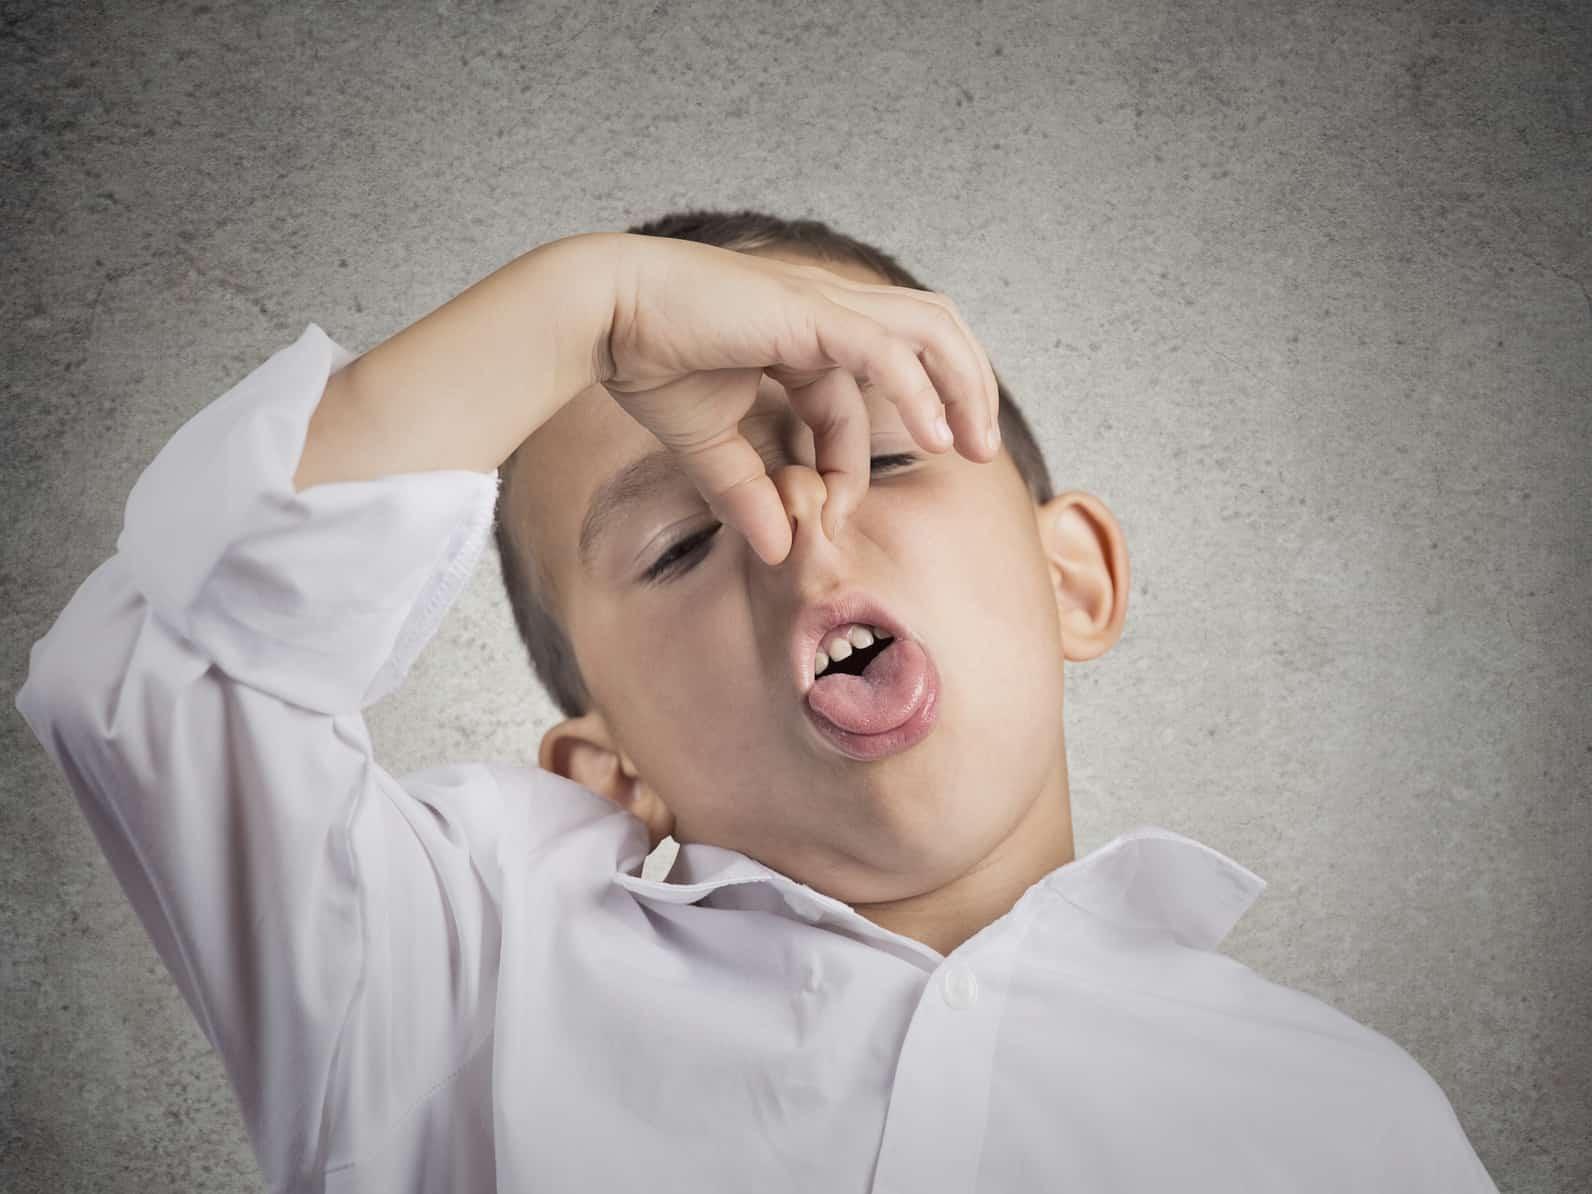 أسباب رائحة الفم الكريهة عند الأطفال وطرق علاجها زيادة